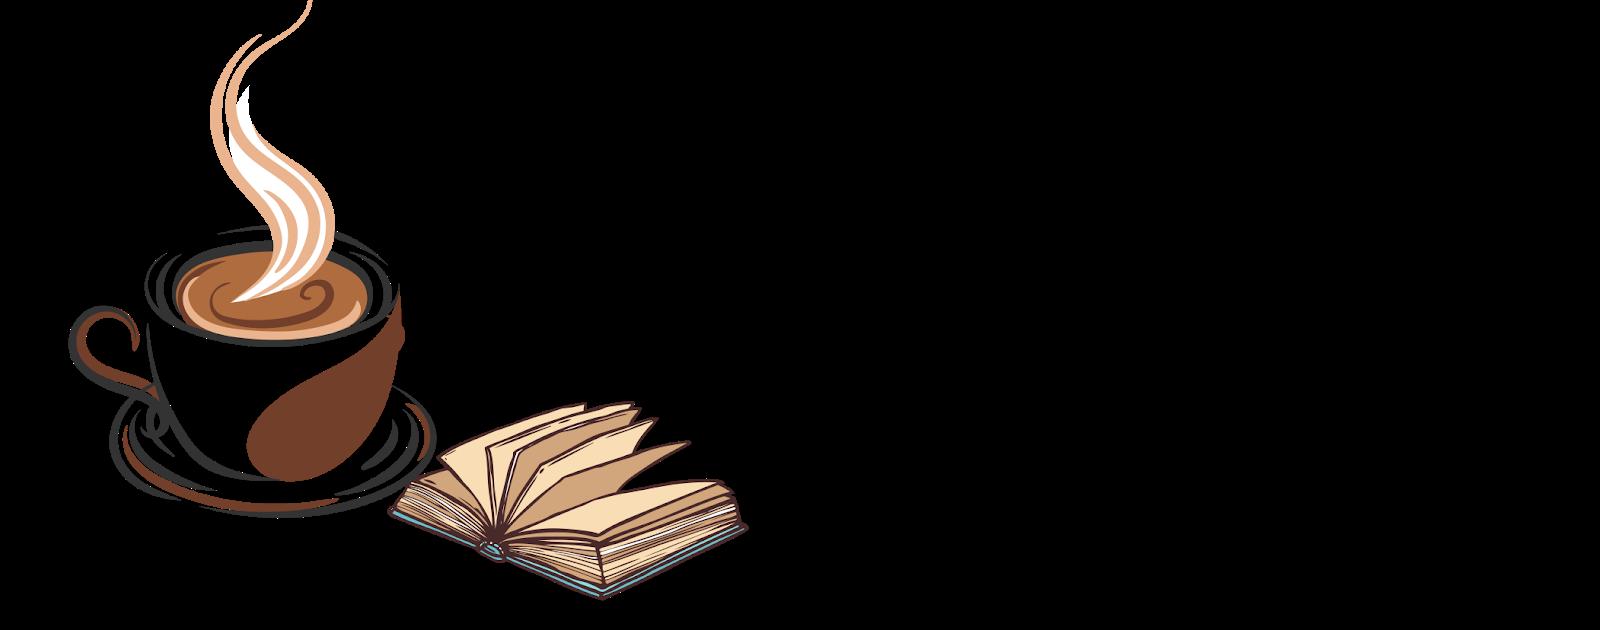 Livros & Café | Tudo sobre livros